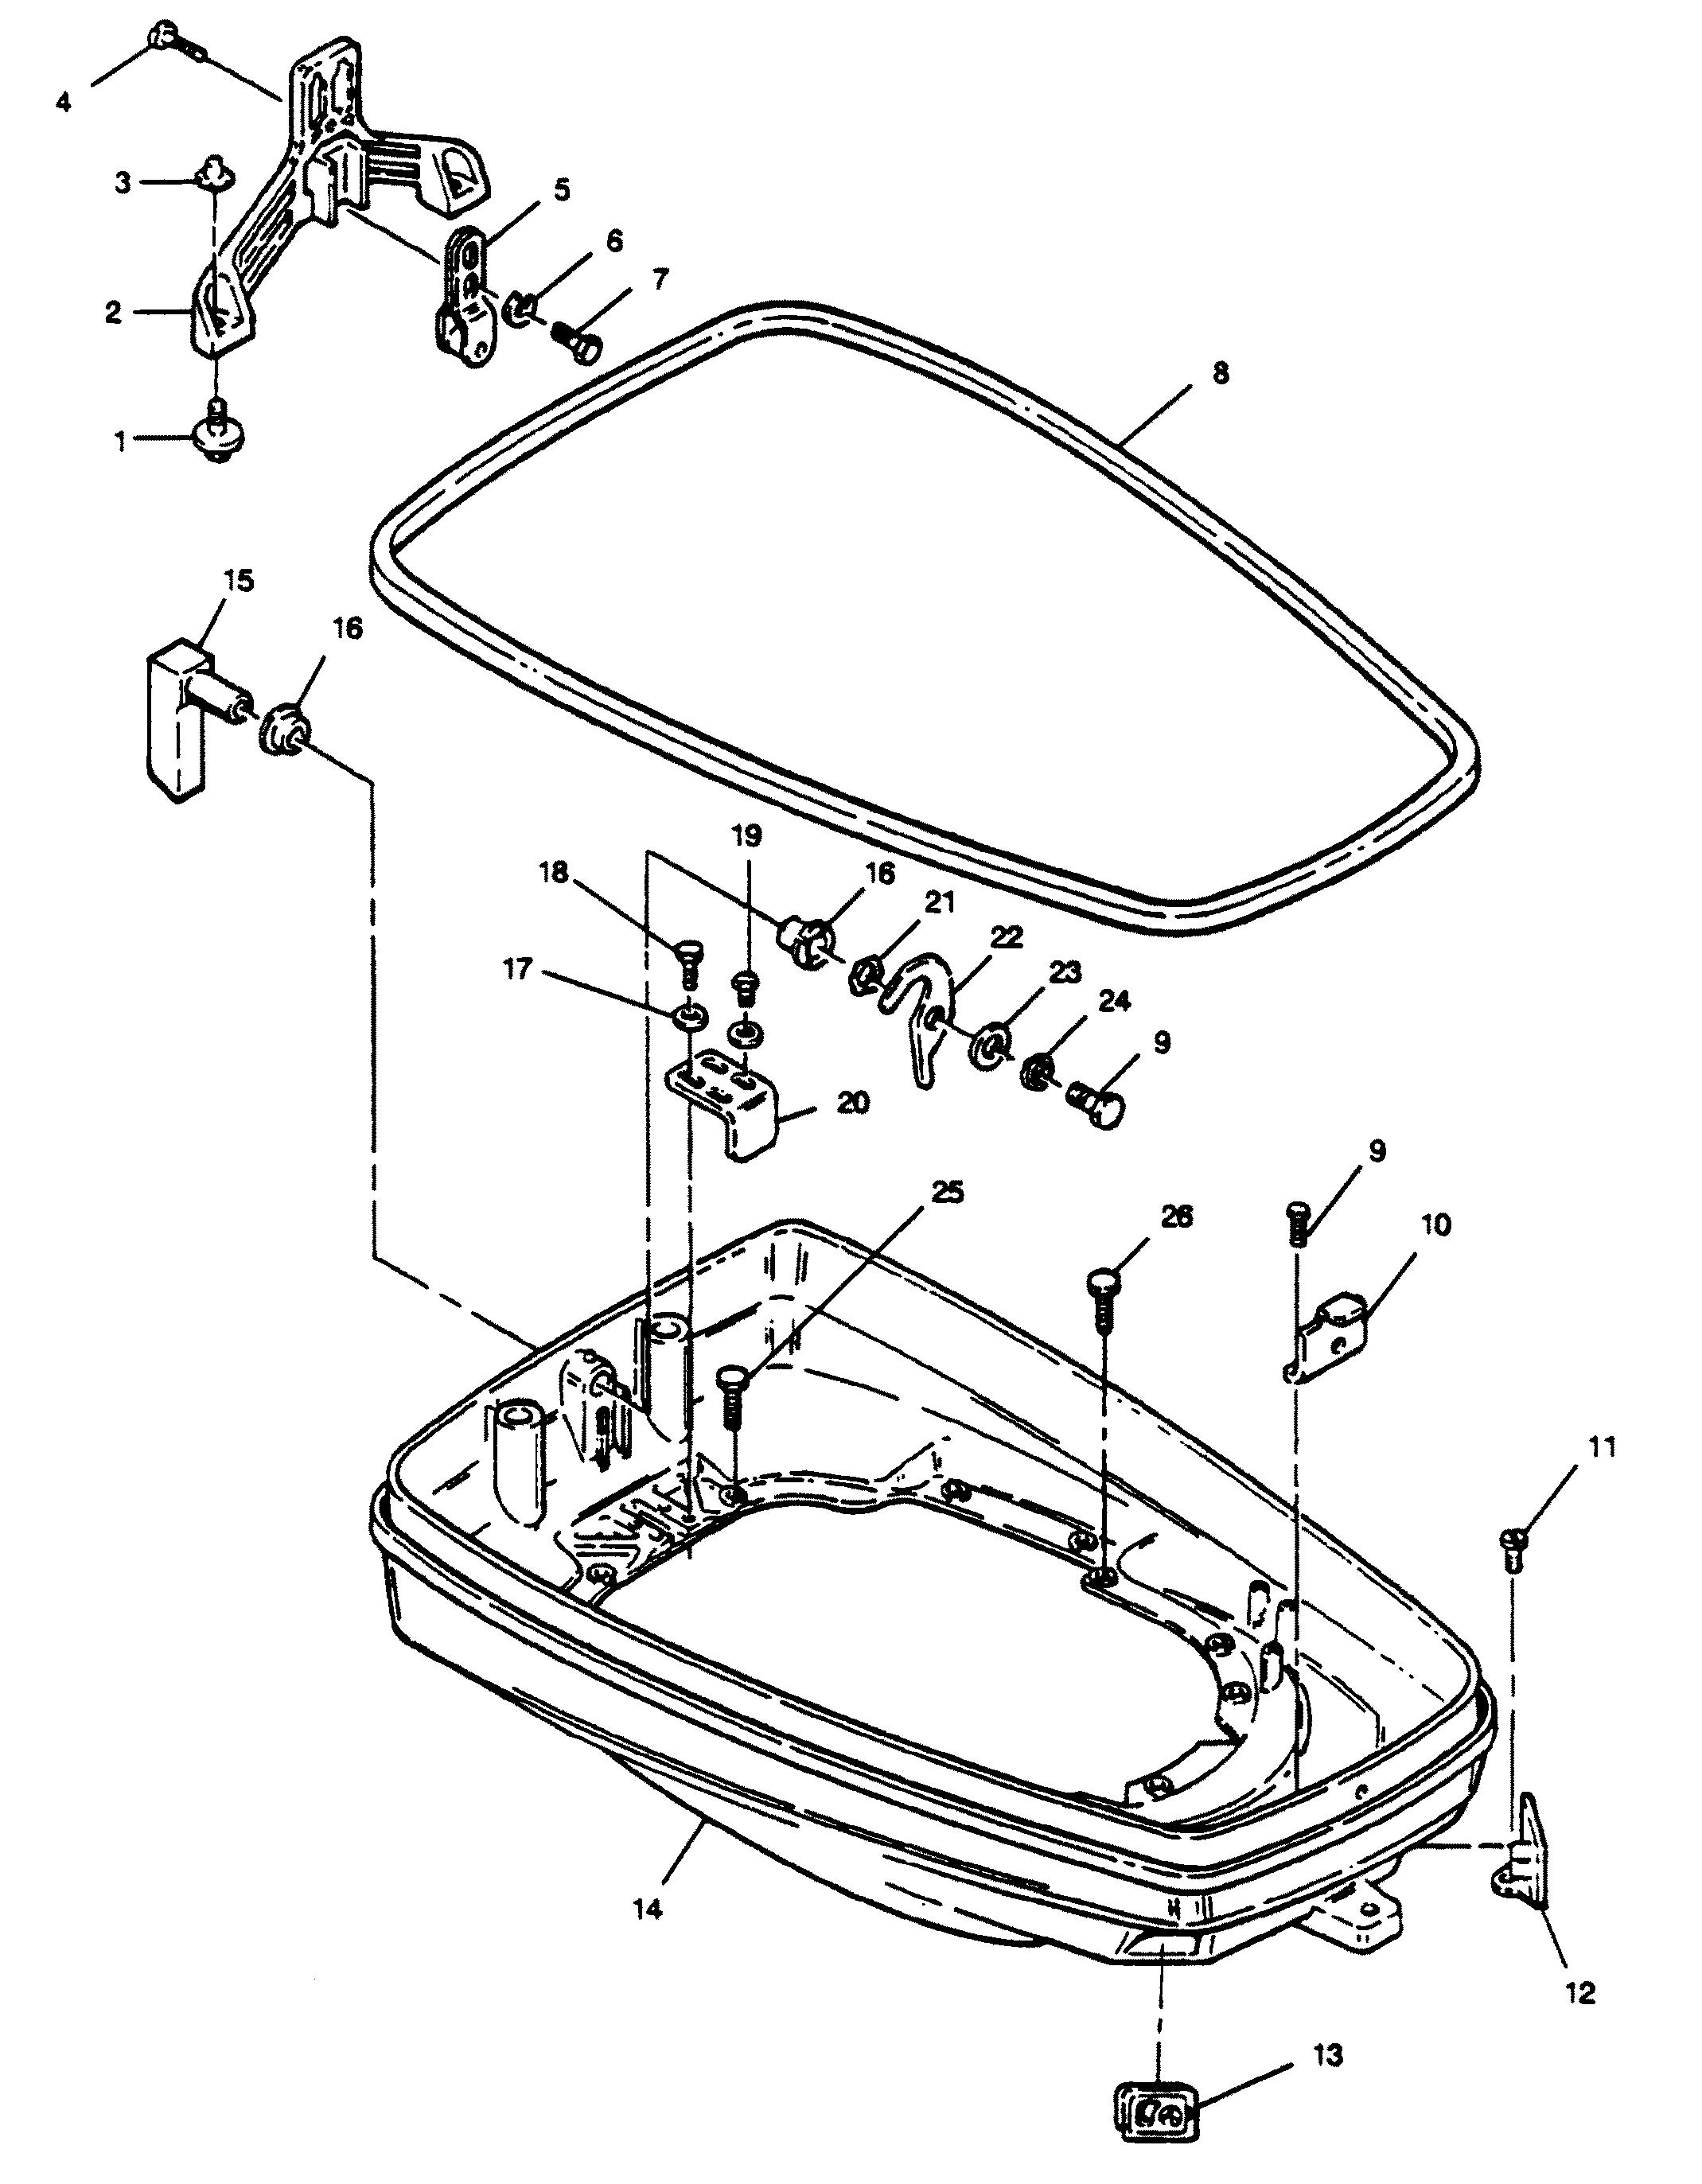 3176 on 1988 Bayliner Parts Catalog